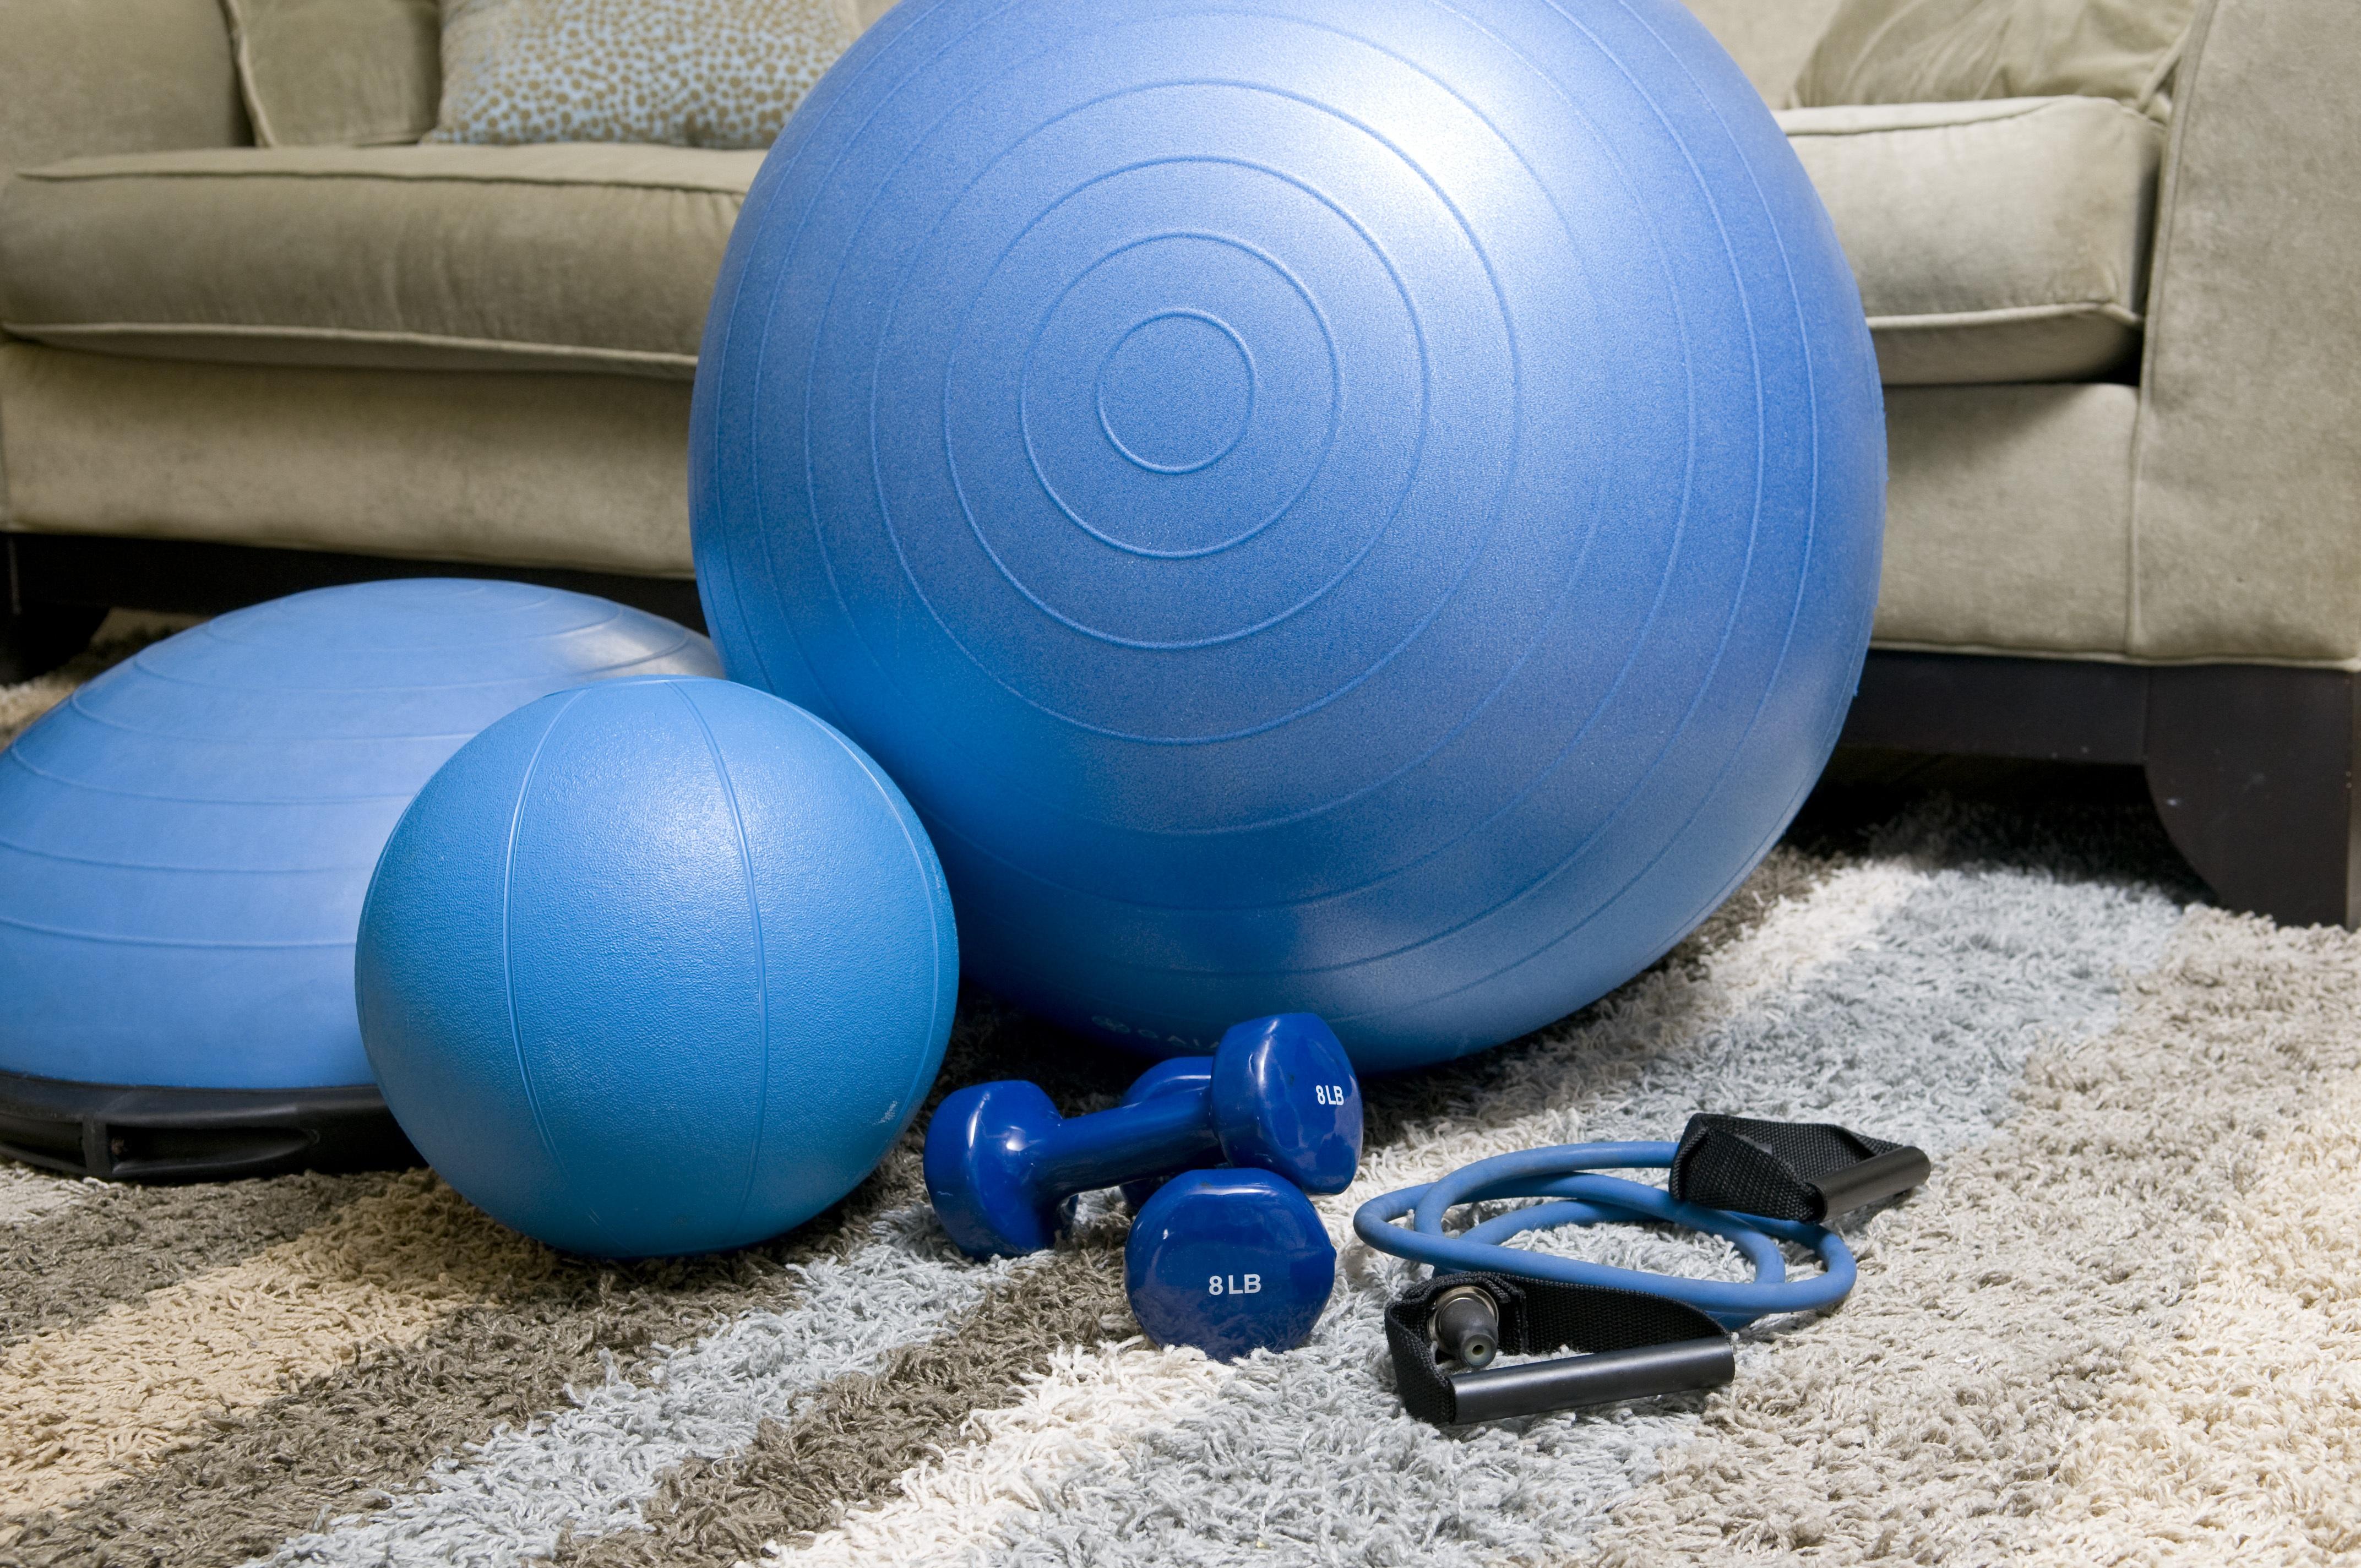 images gratuites : ballon, couleur, exercice, meubles, jouet